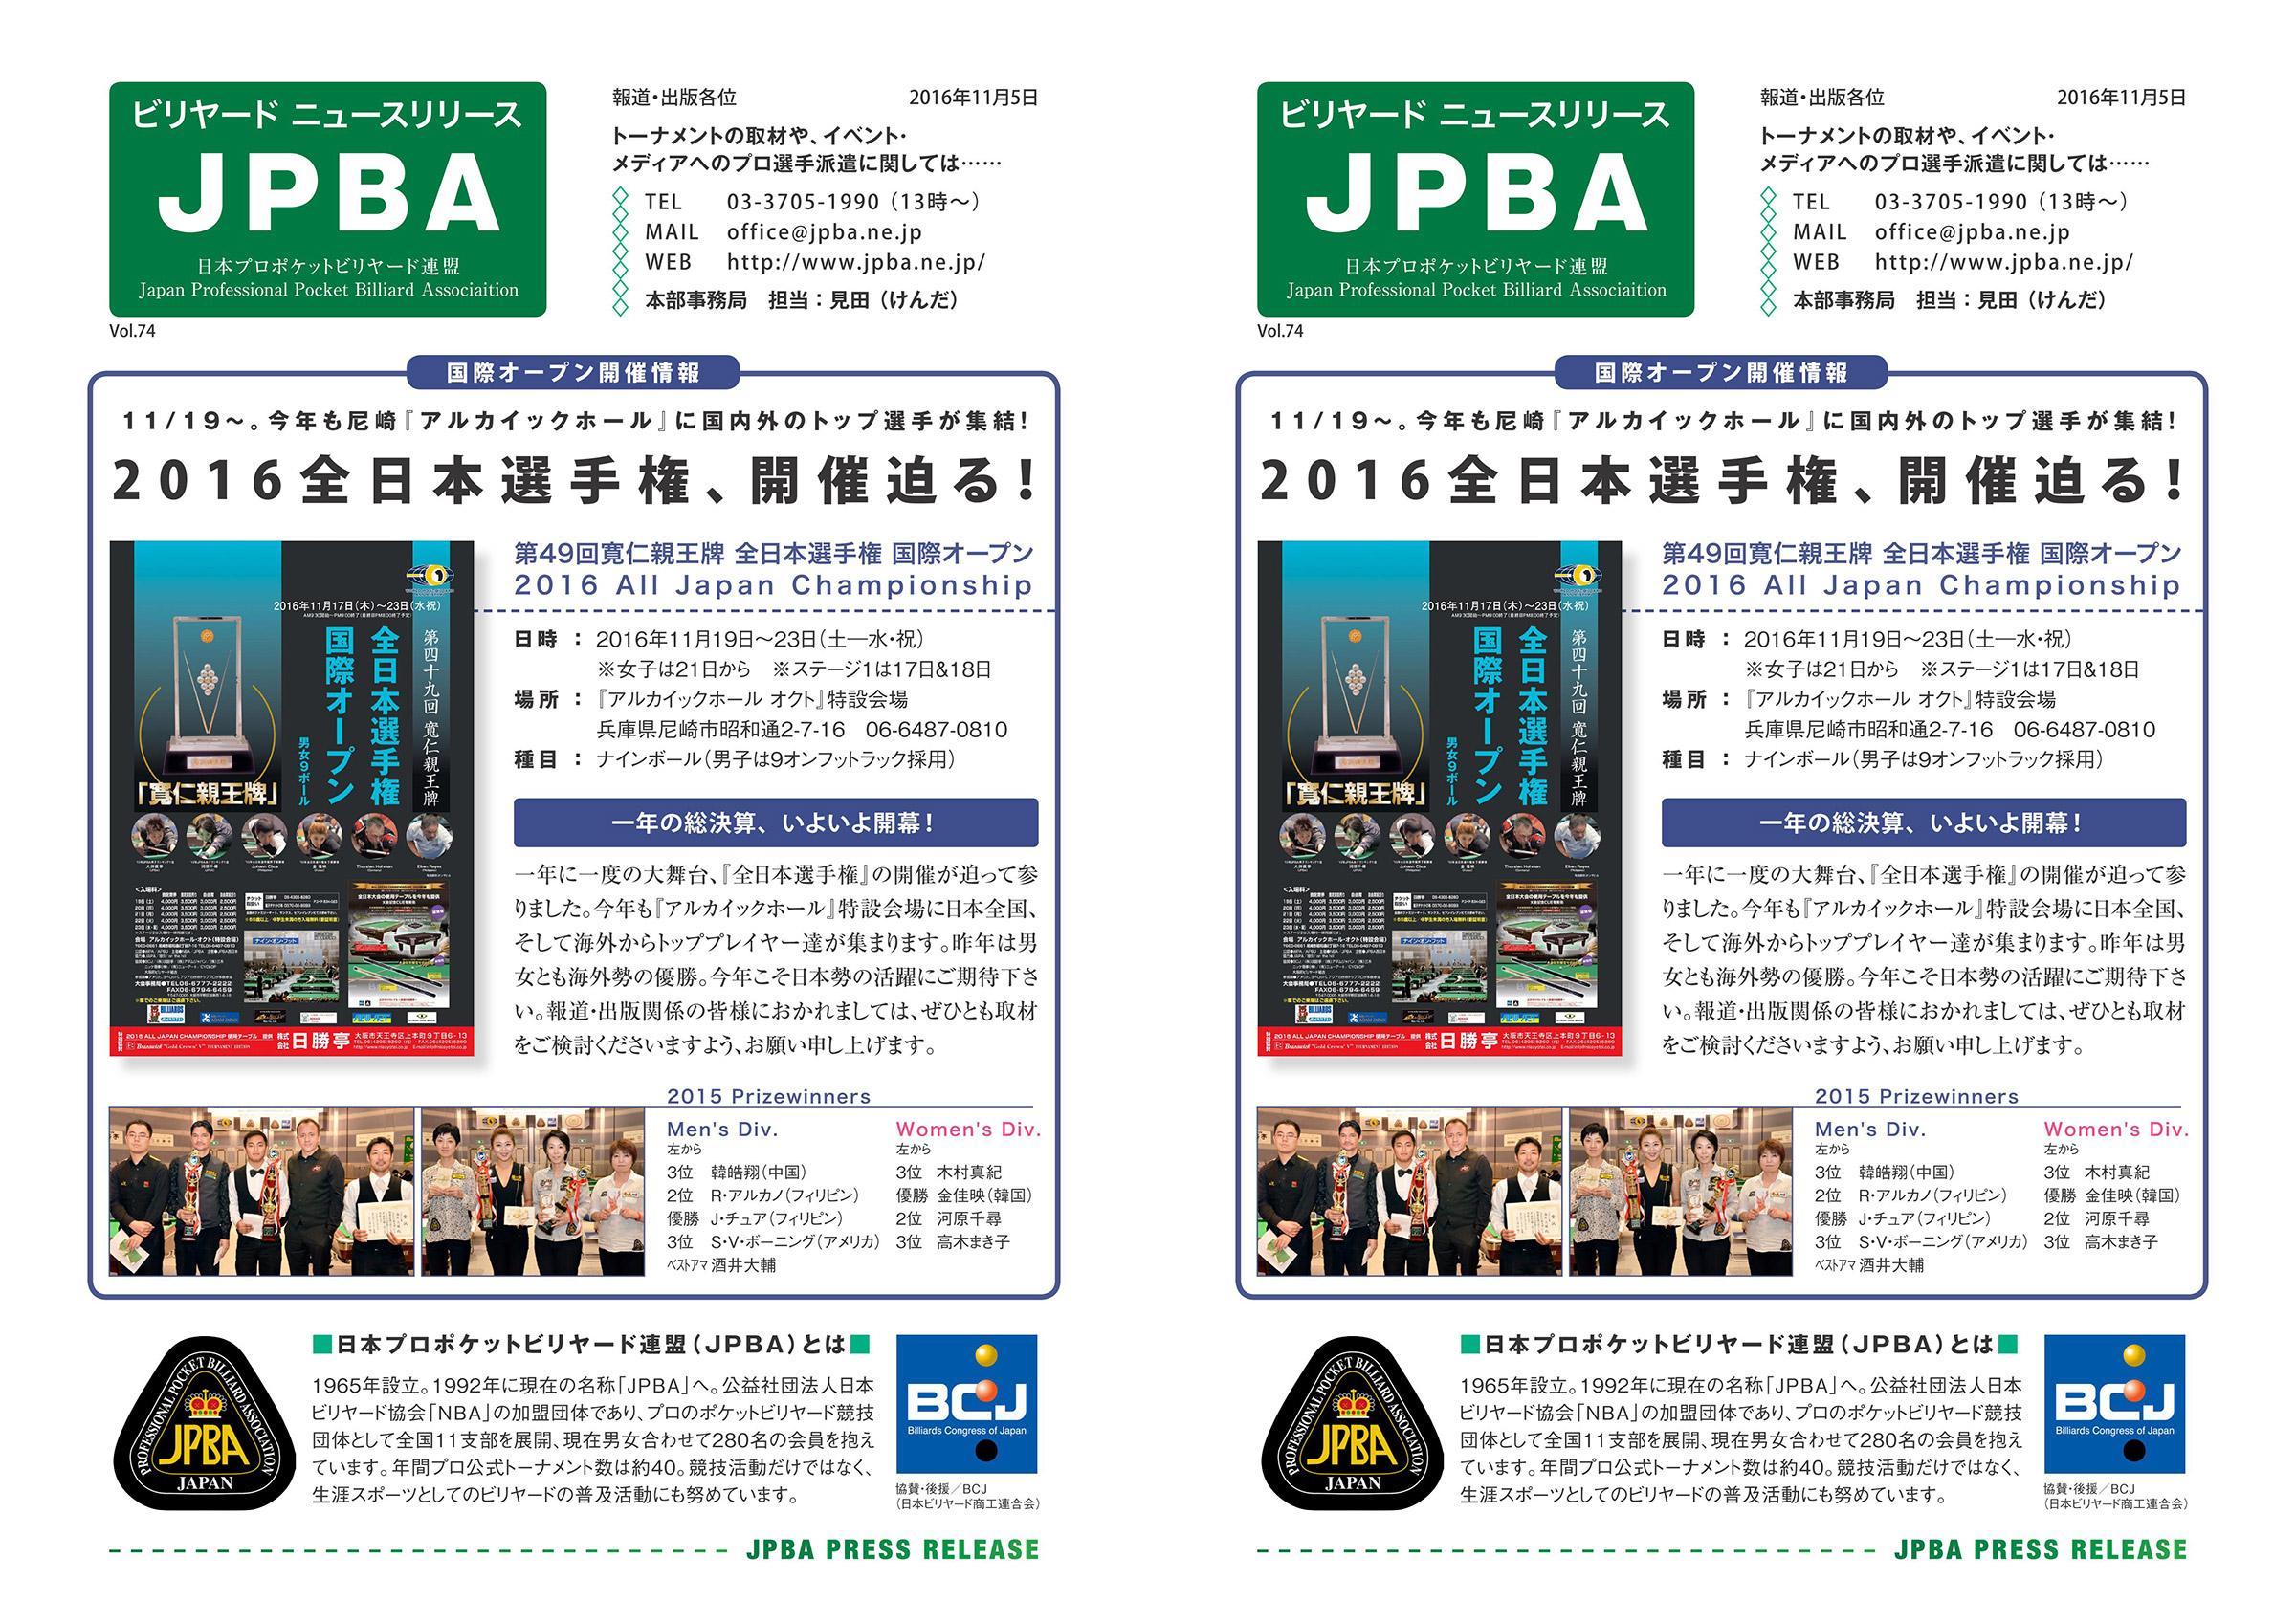 jpba-pr-74_01-yoko